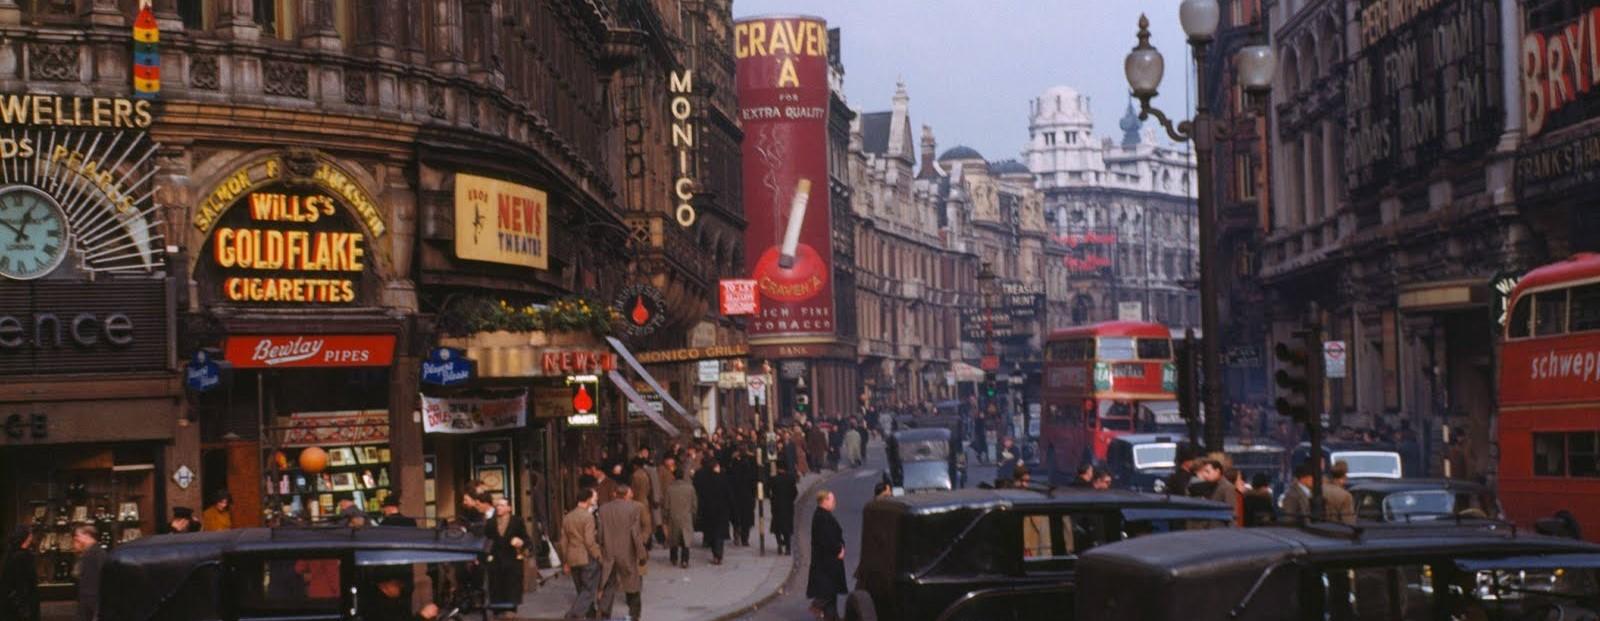 London 1920